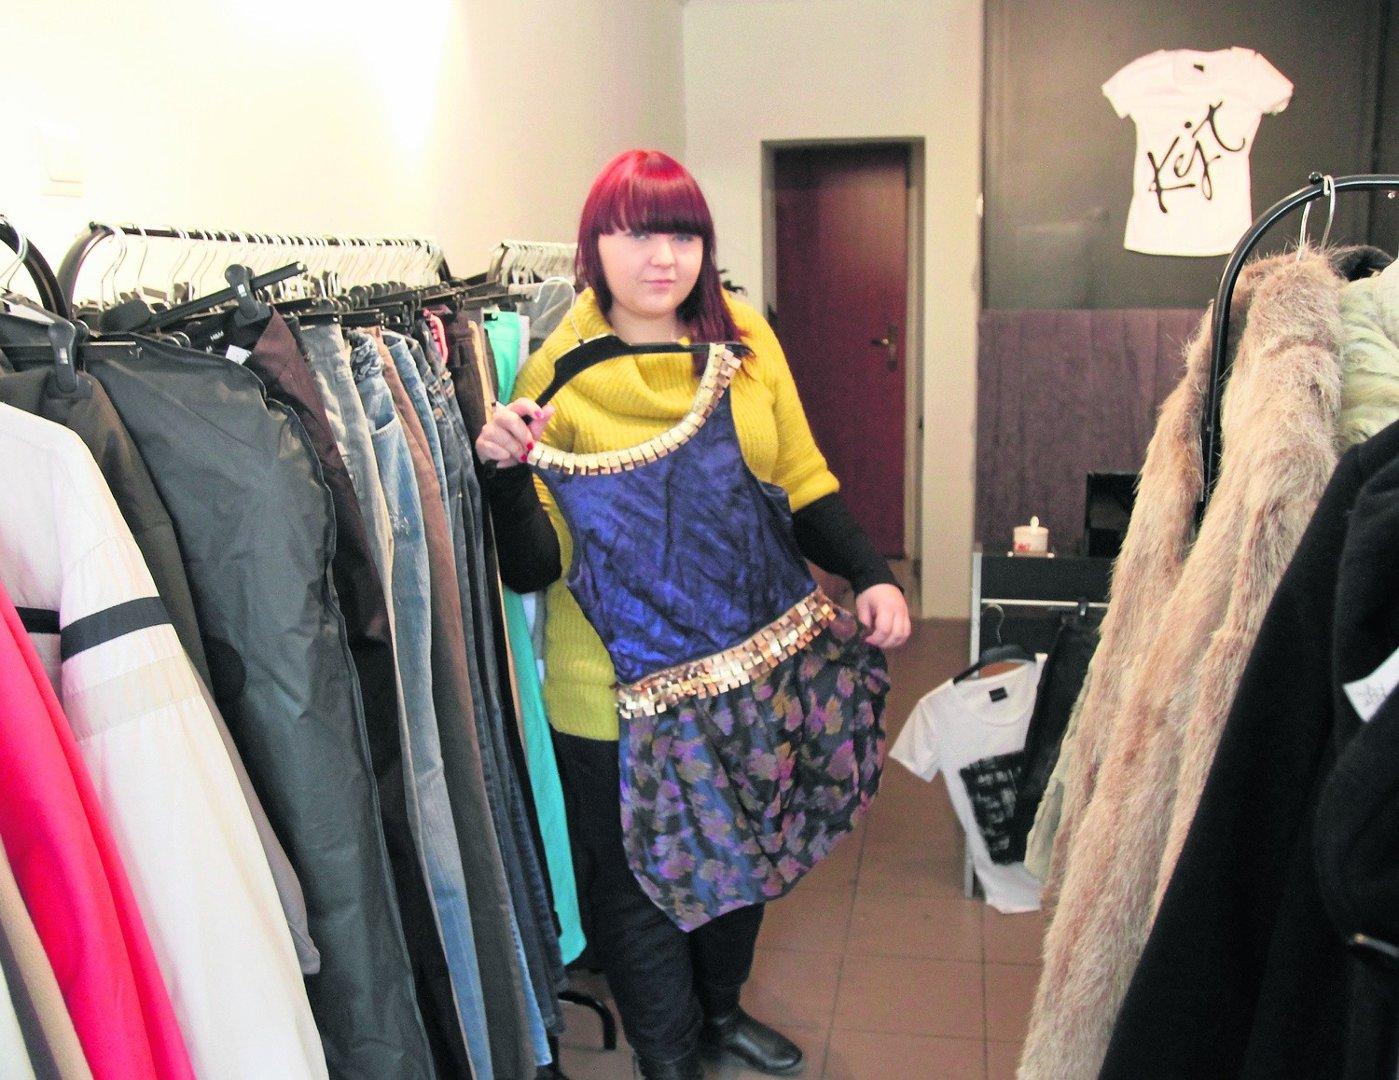 ab2c99f66 W Łodzi powstał komis odzieżowy, gdzie można wymienić się ubraniami ...